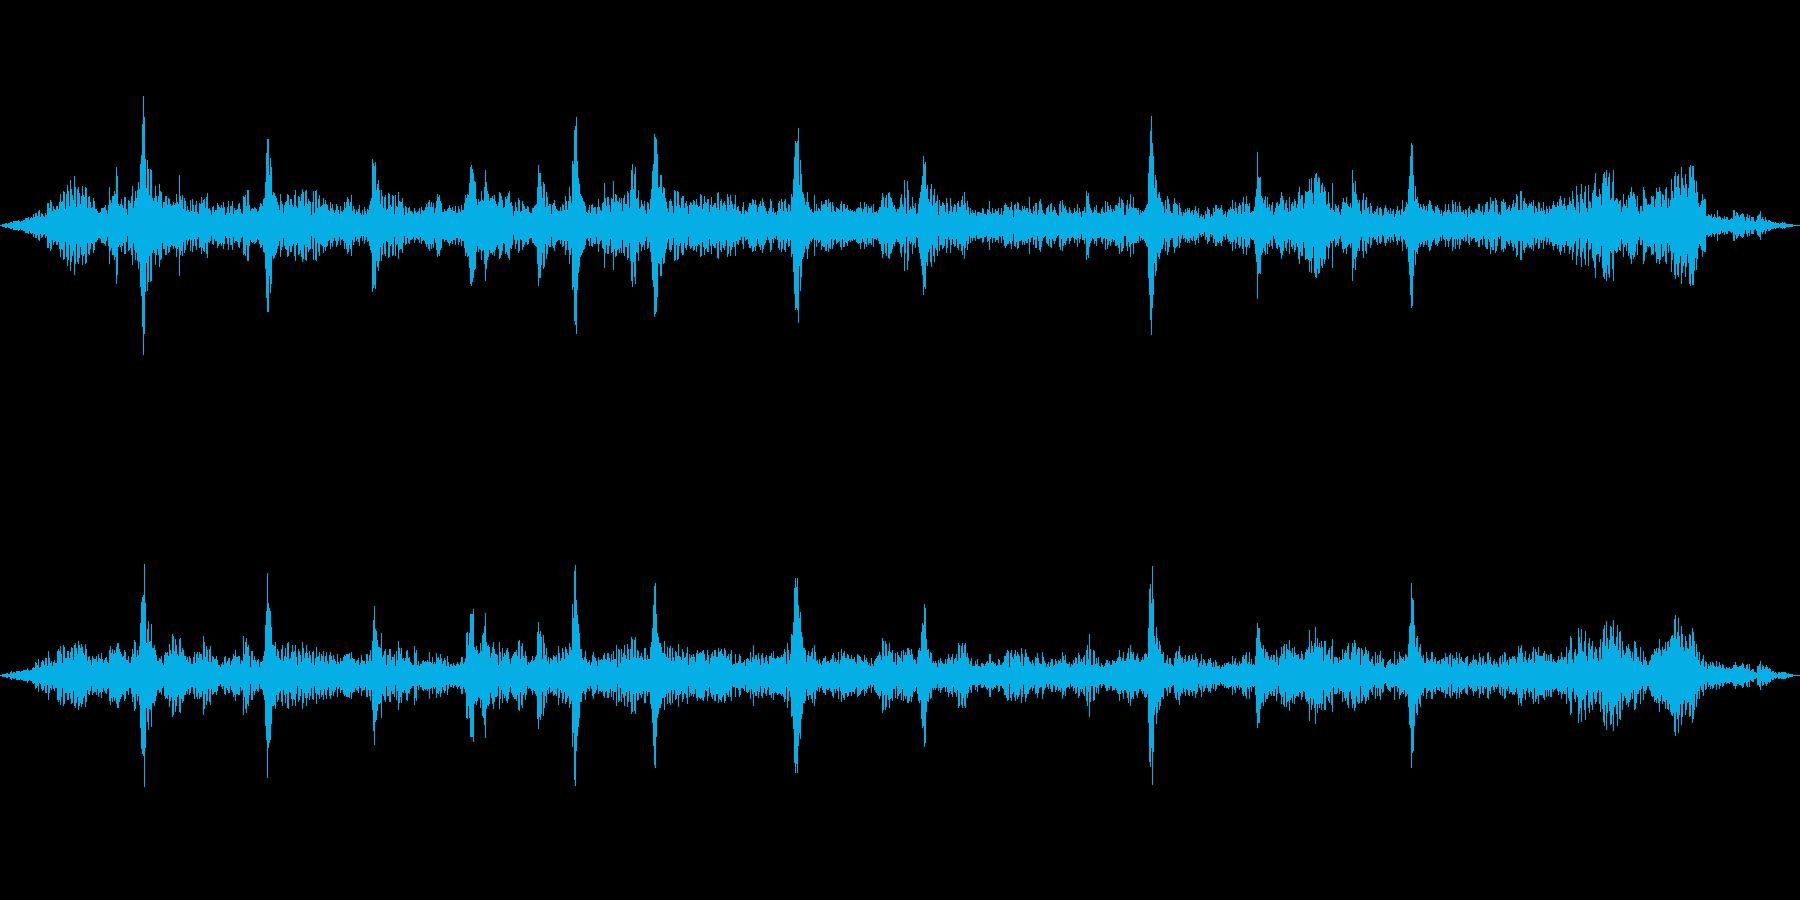 チュンチュン・・・(スズメたちの鳴き声)の再生済みの波形